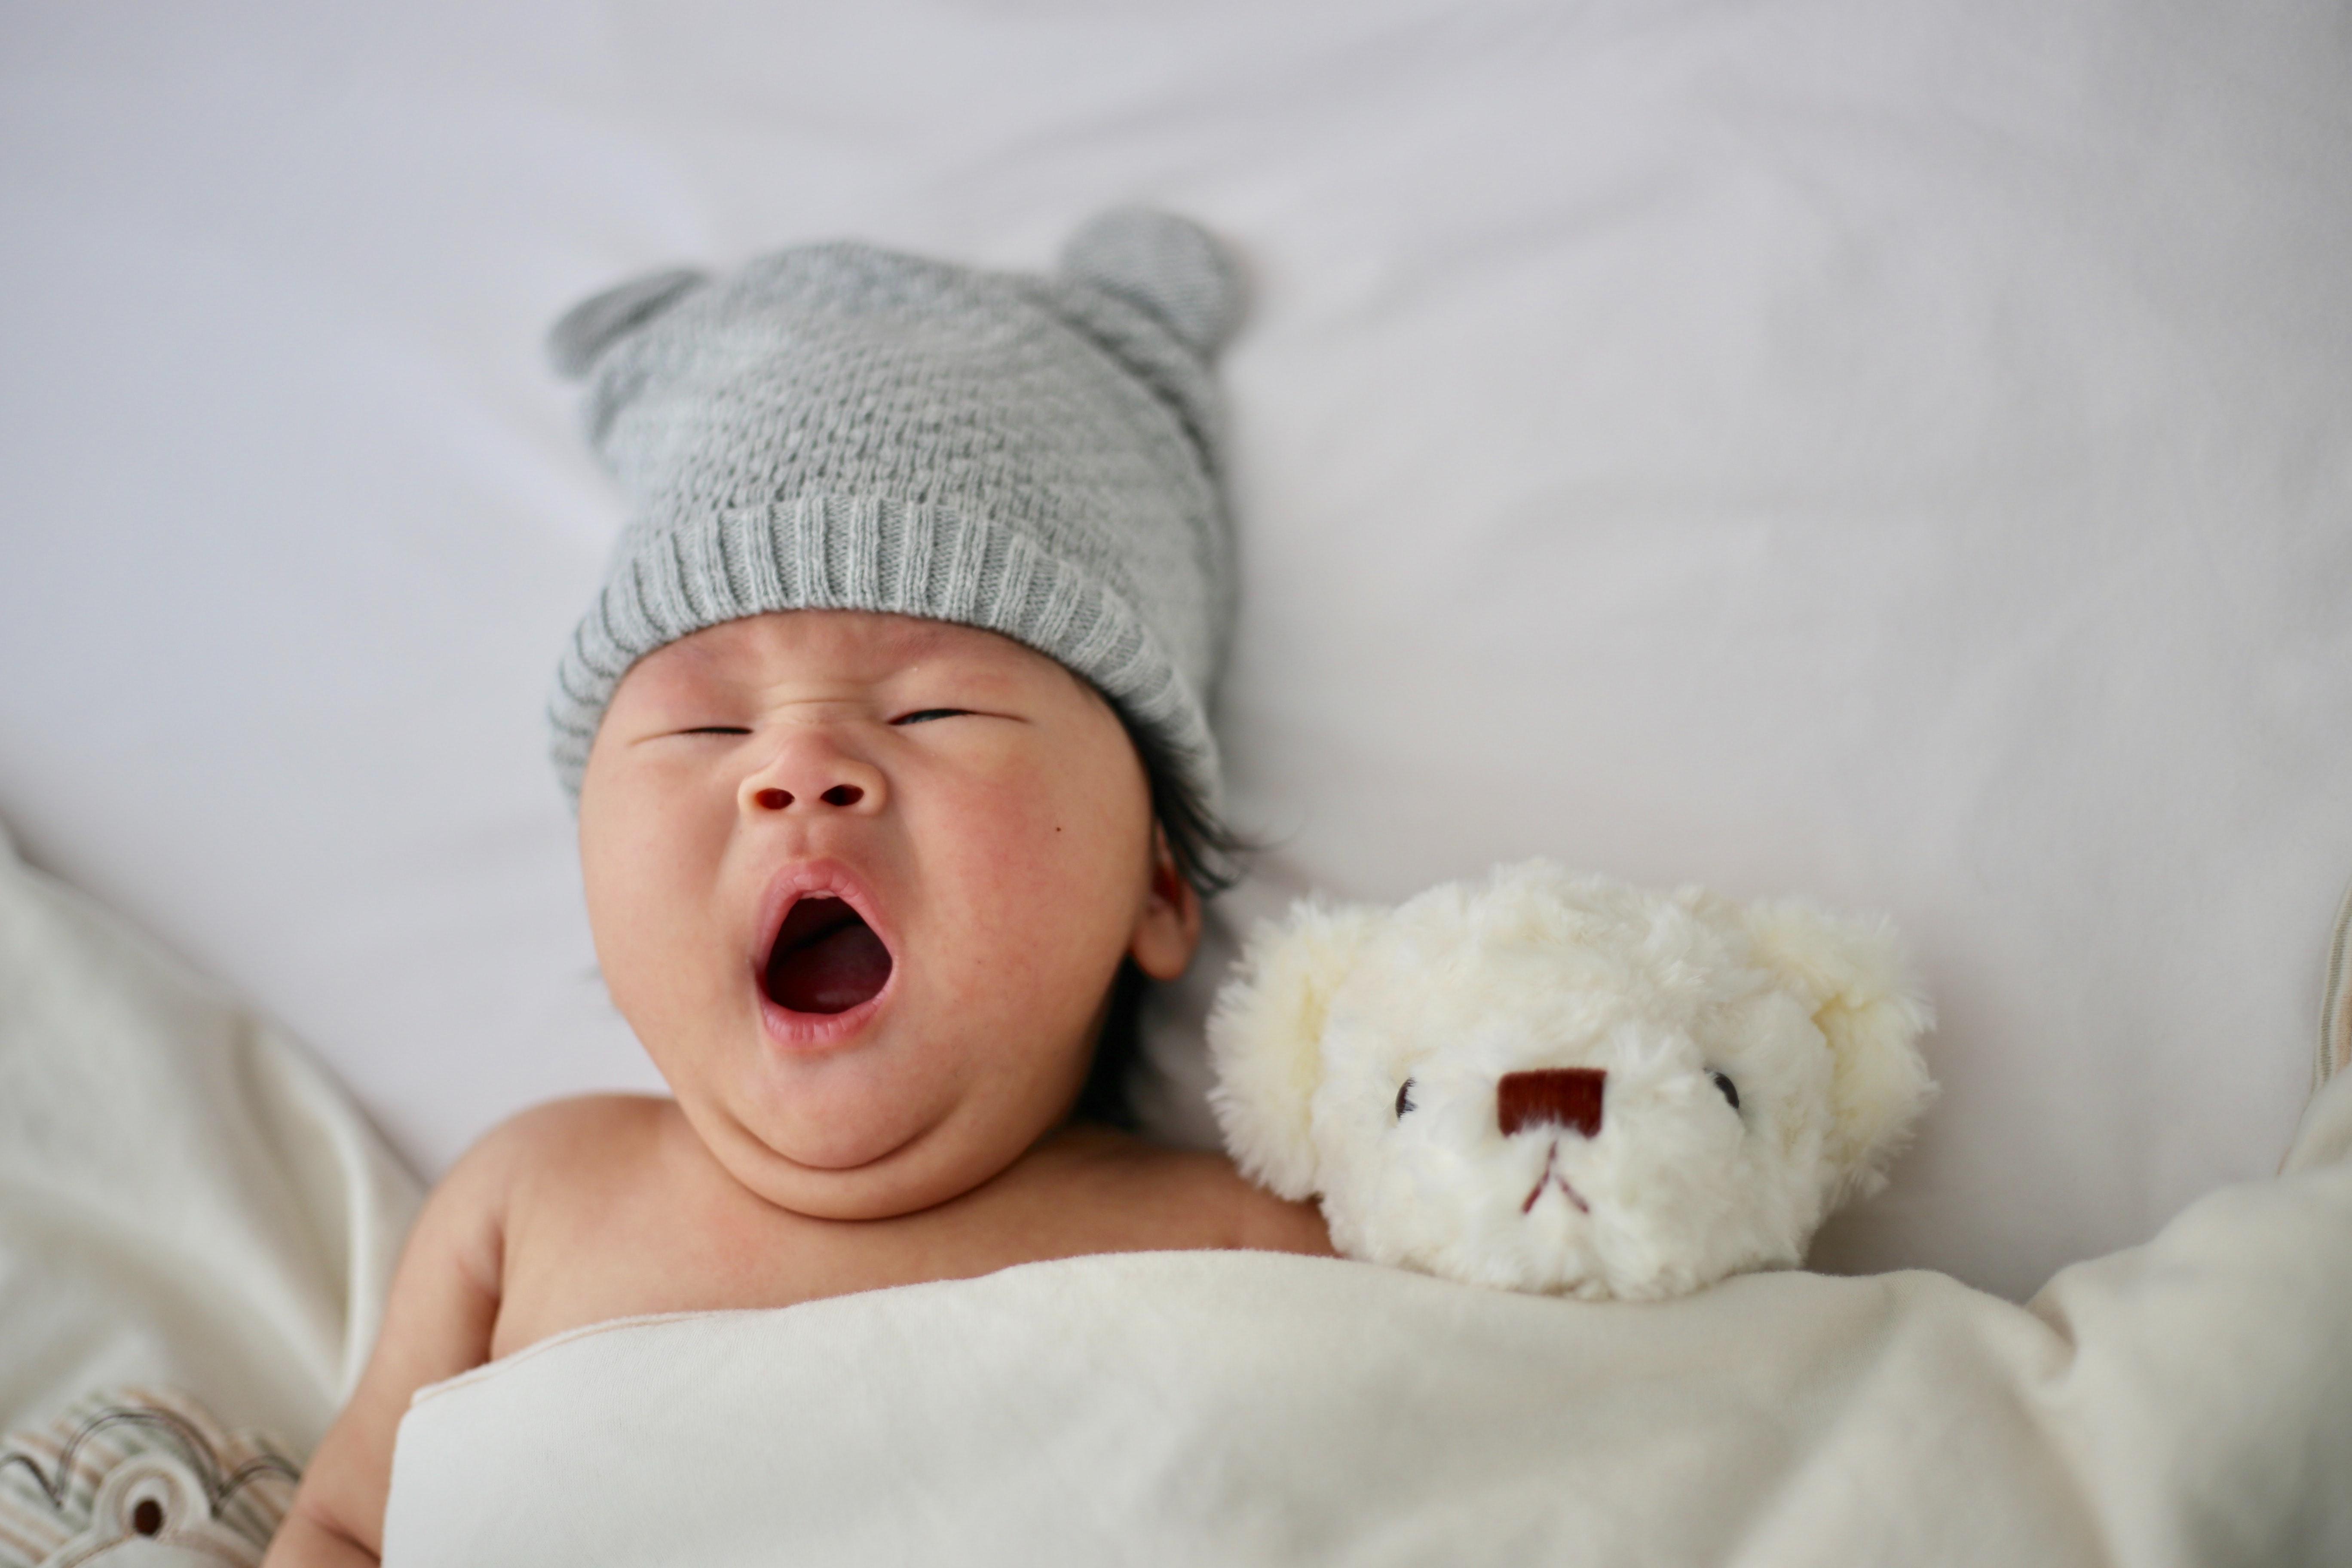 Seu bebê não dorme? 5 dicas para melhorar o sono dele